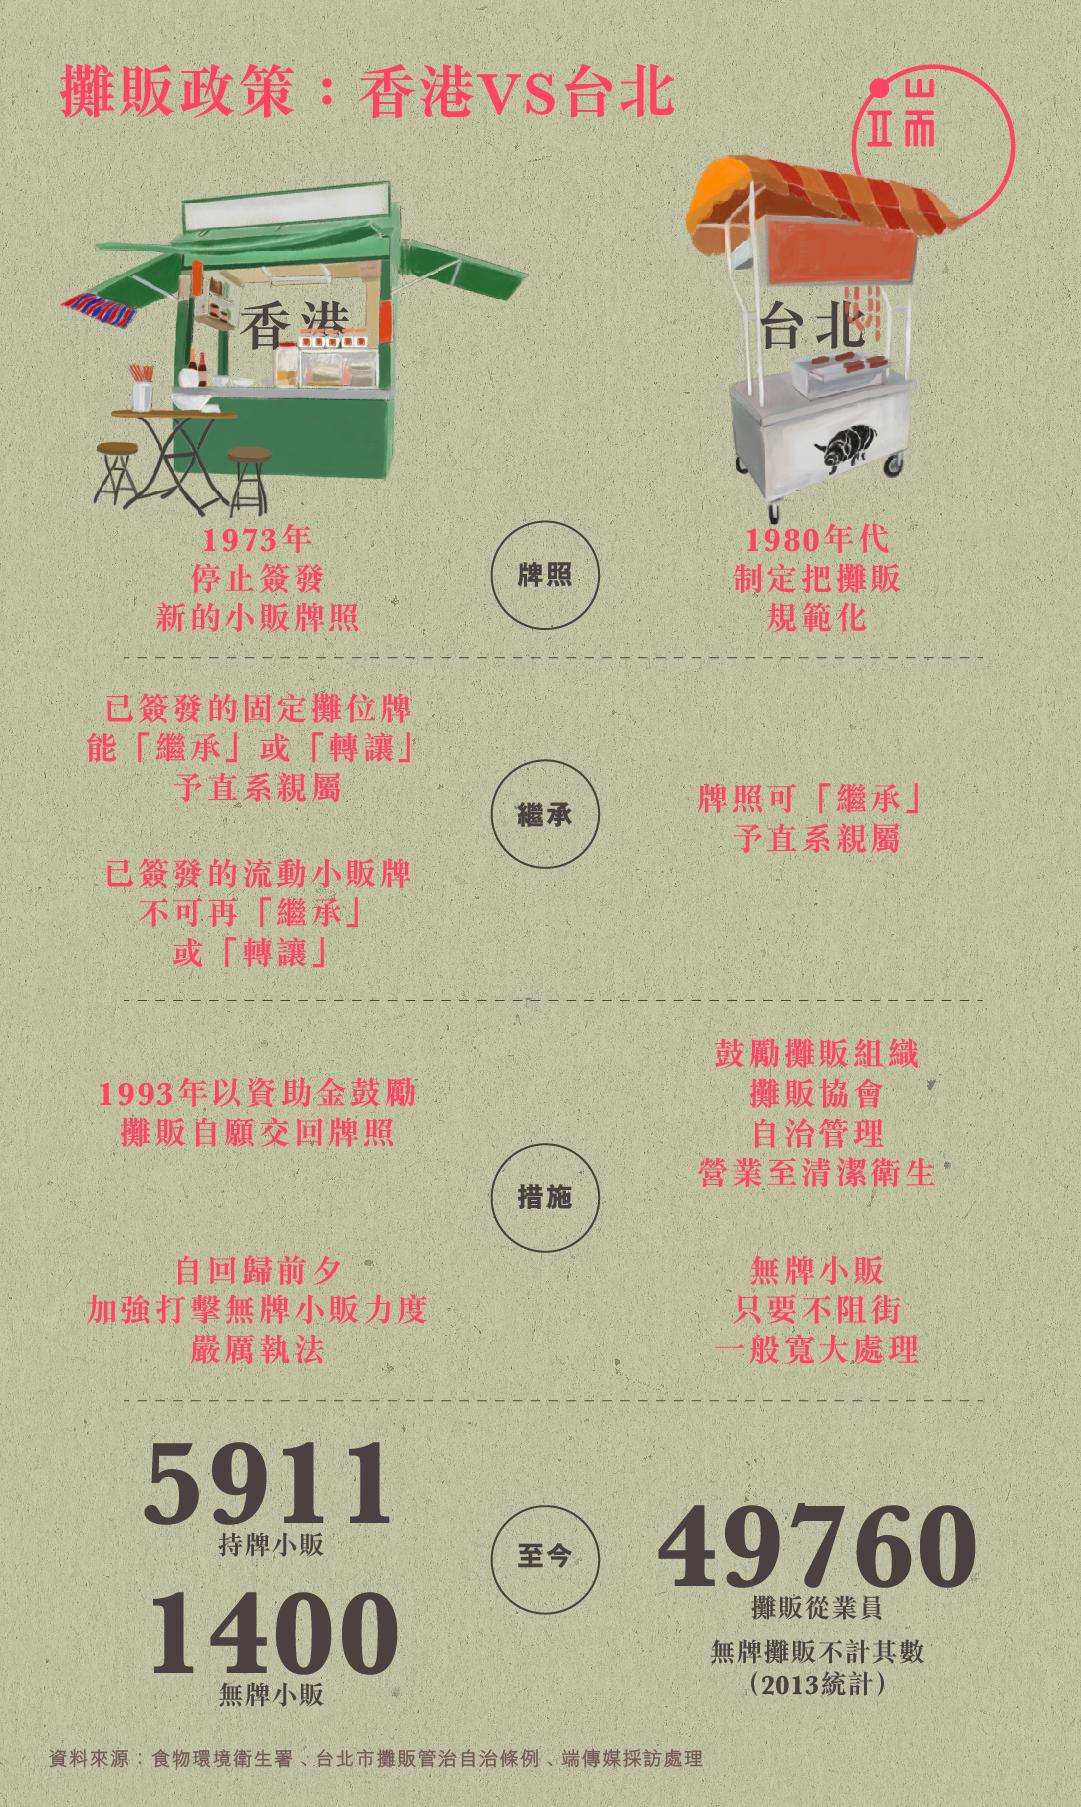 攤販政策:香港 VS 台北